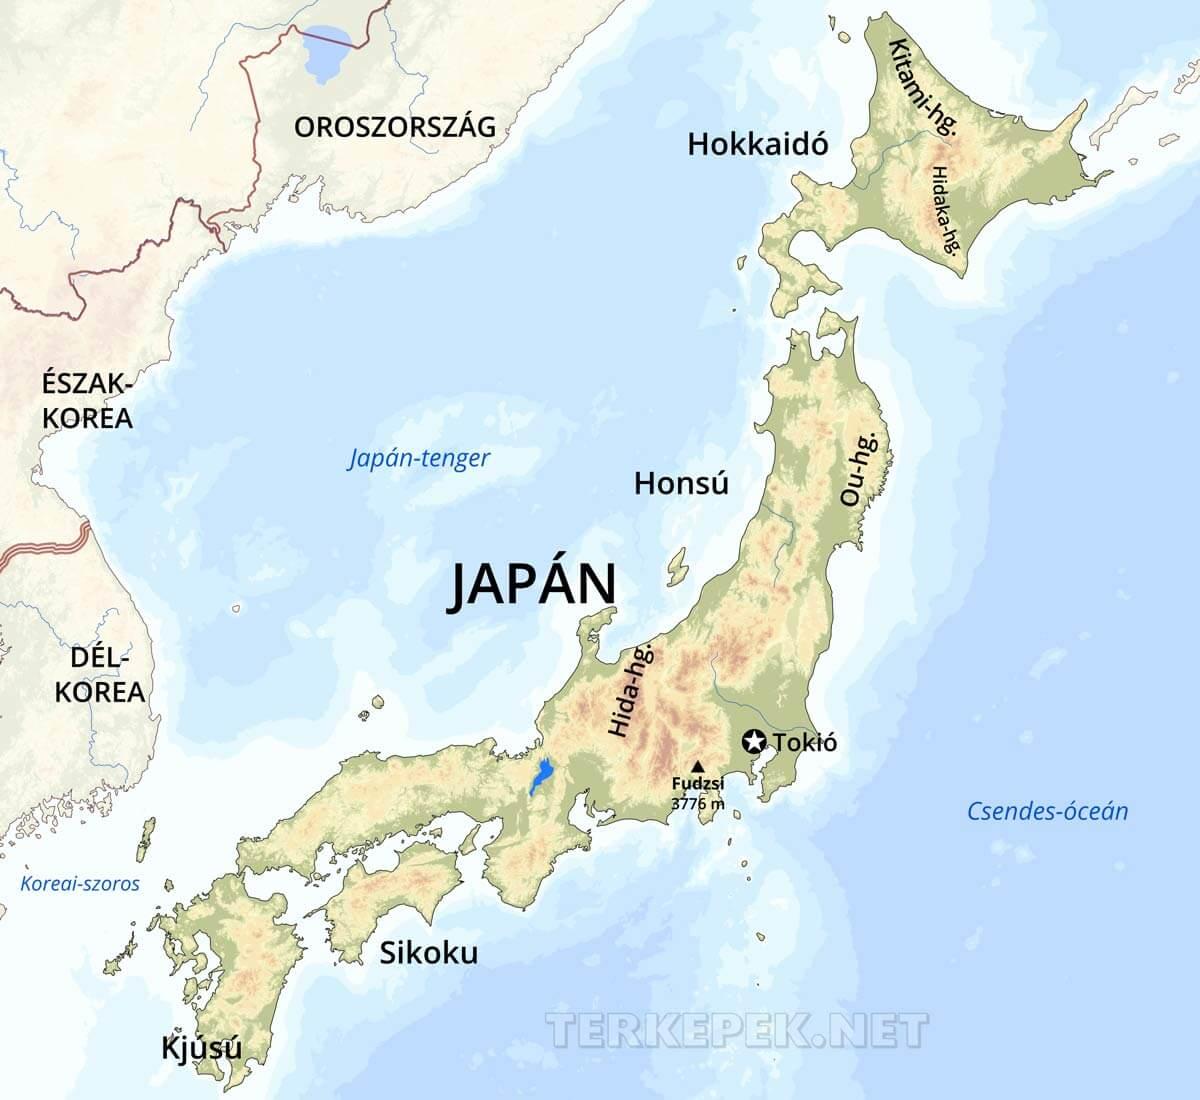 japán domborzati térkép Japán domborzati térképe japán domborzati térkép